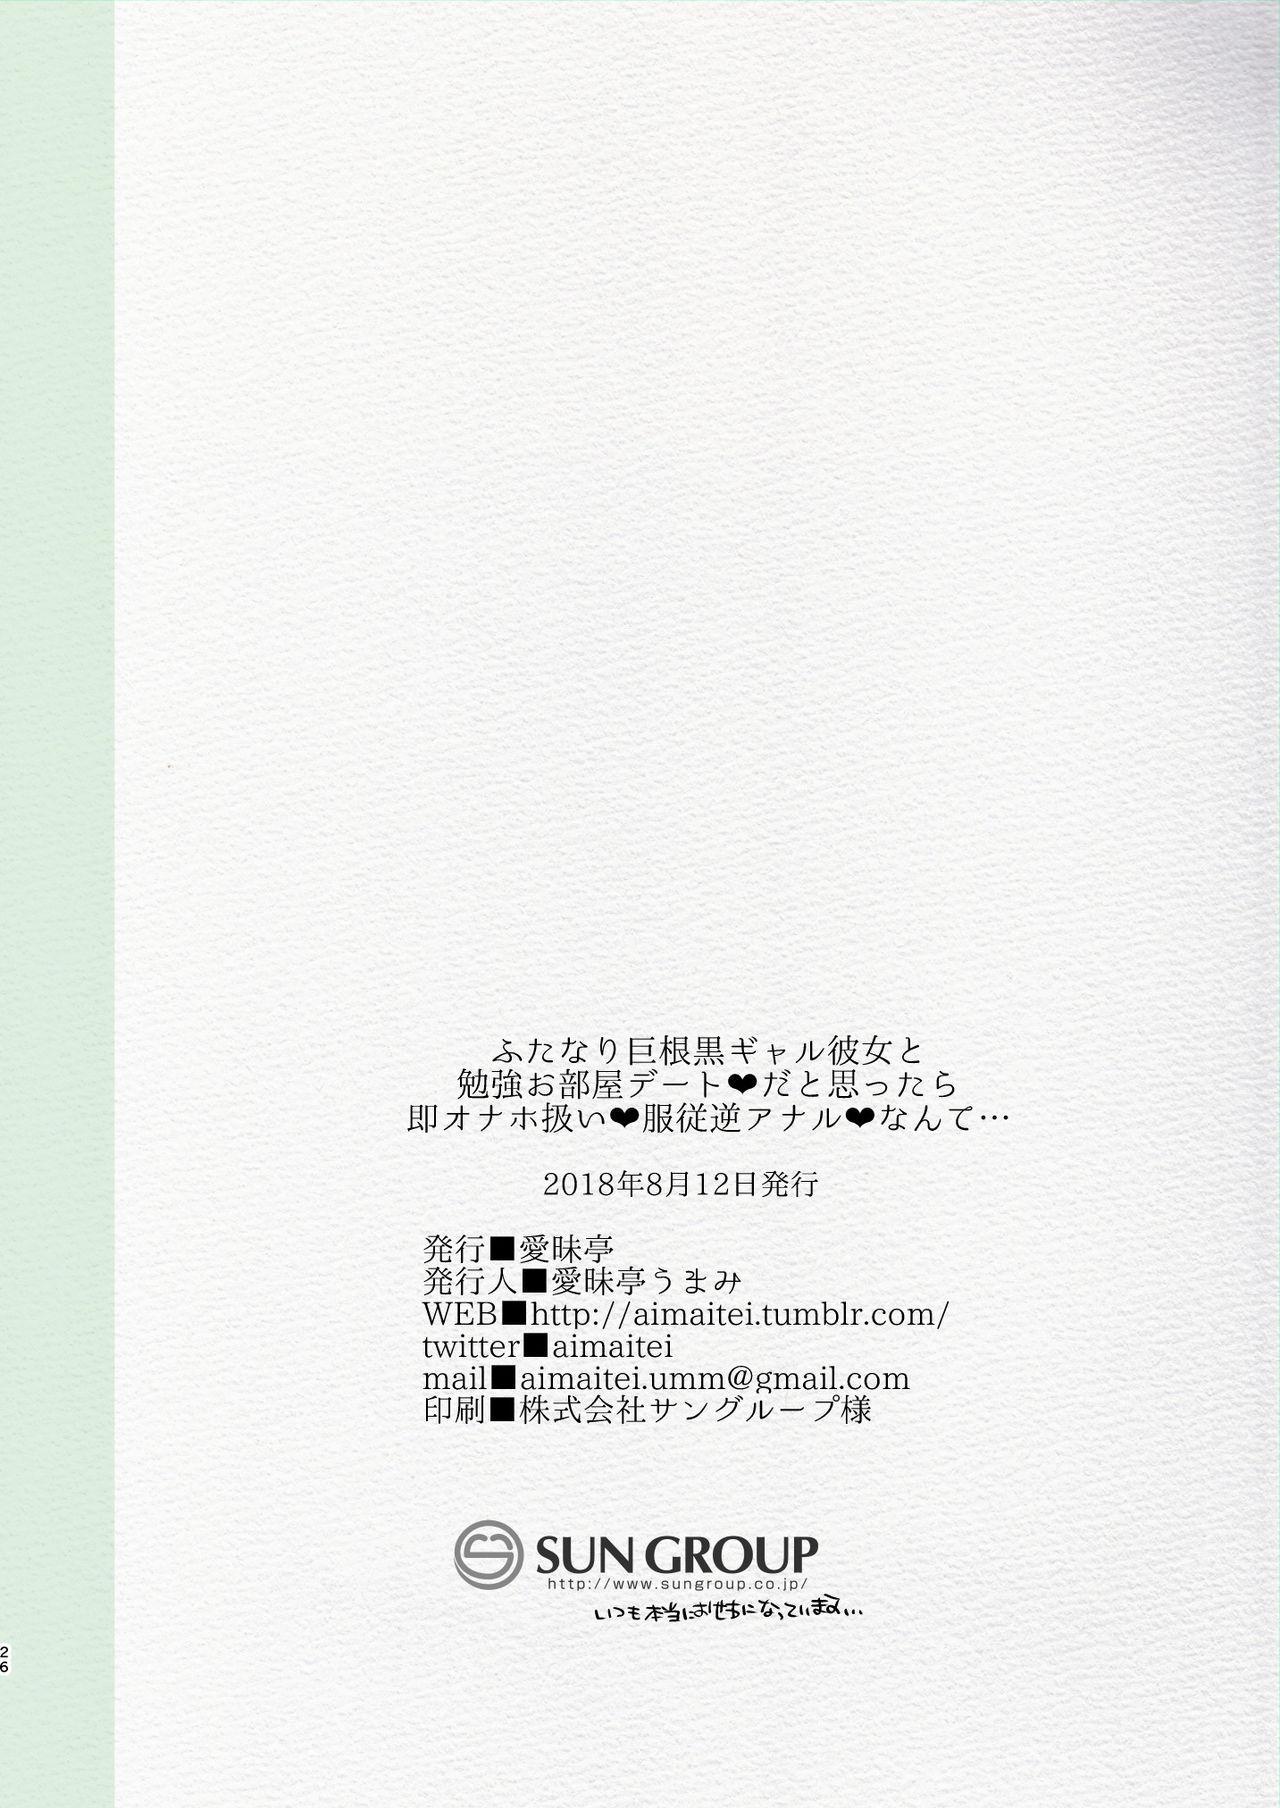 Futanari Kyokon Kuro Gal Kanojo to Benkyou Oheya Date da to Omottara Soku Onaho Atsukai Fukujuu Gyaku Anal nante... 25